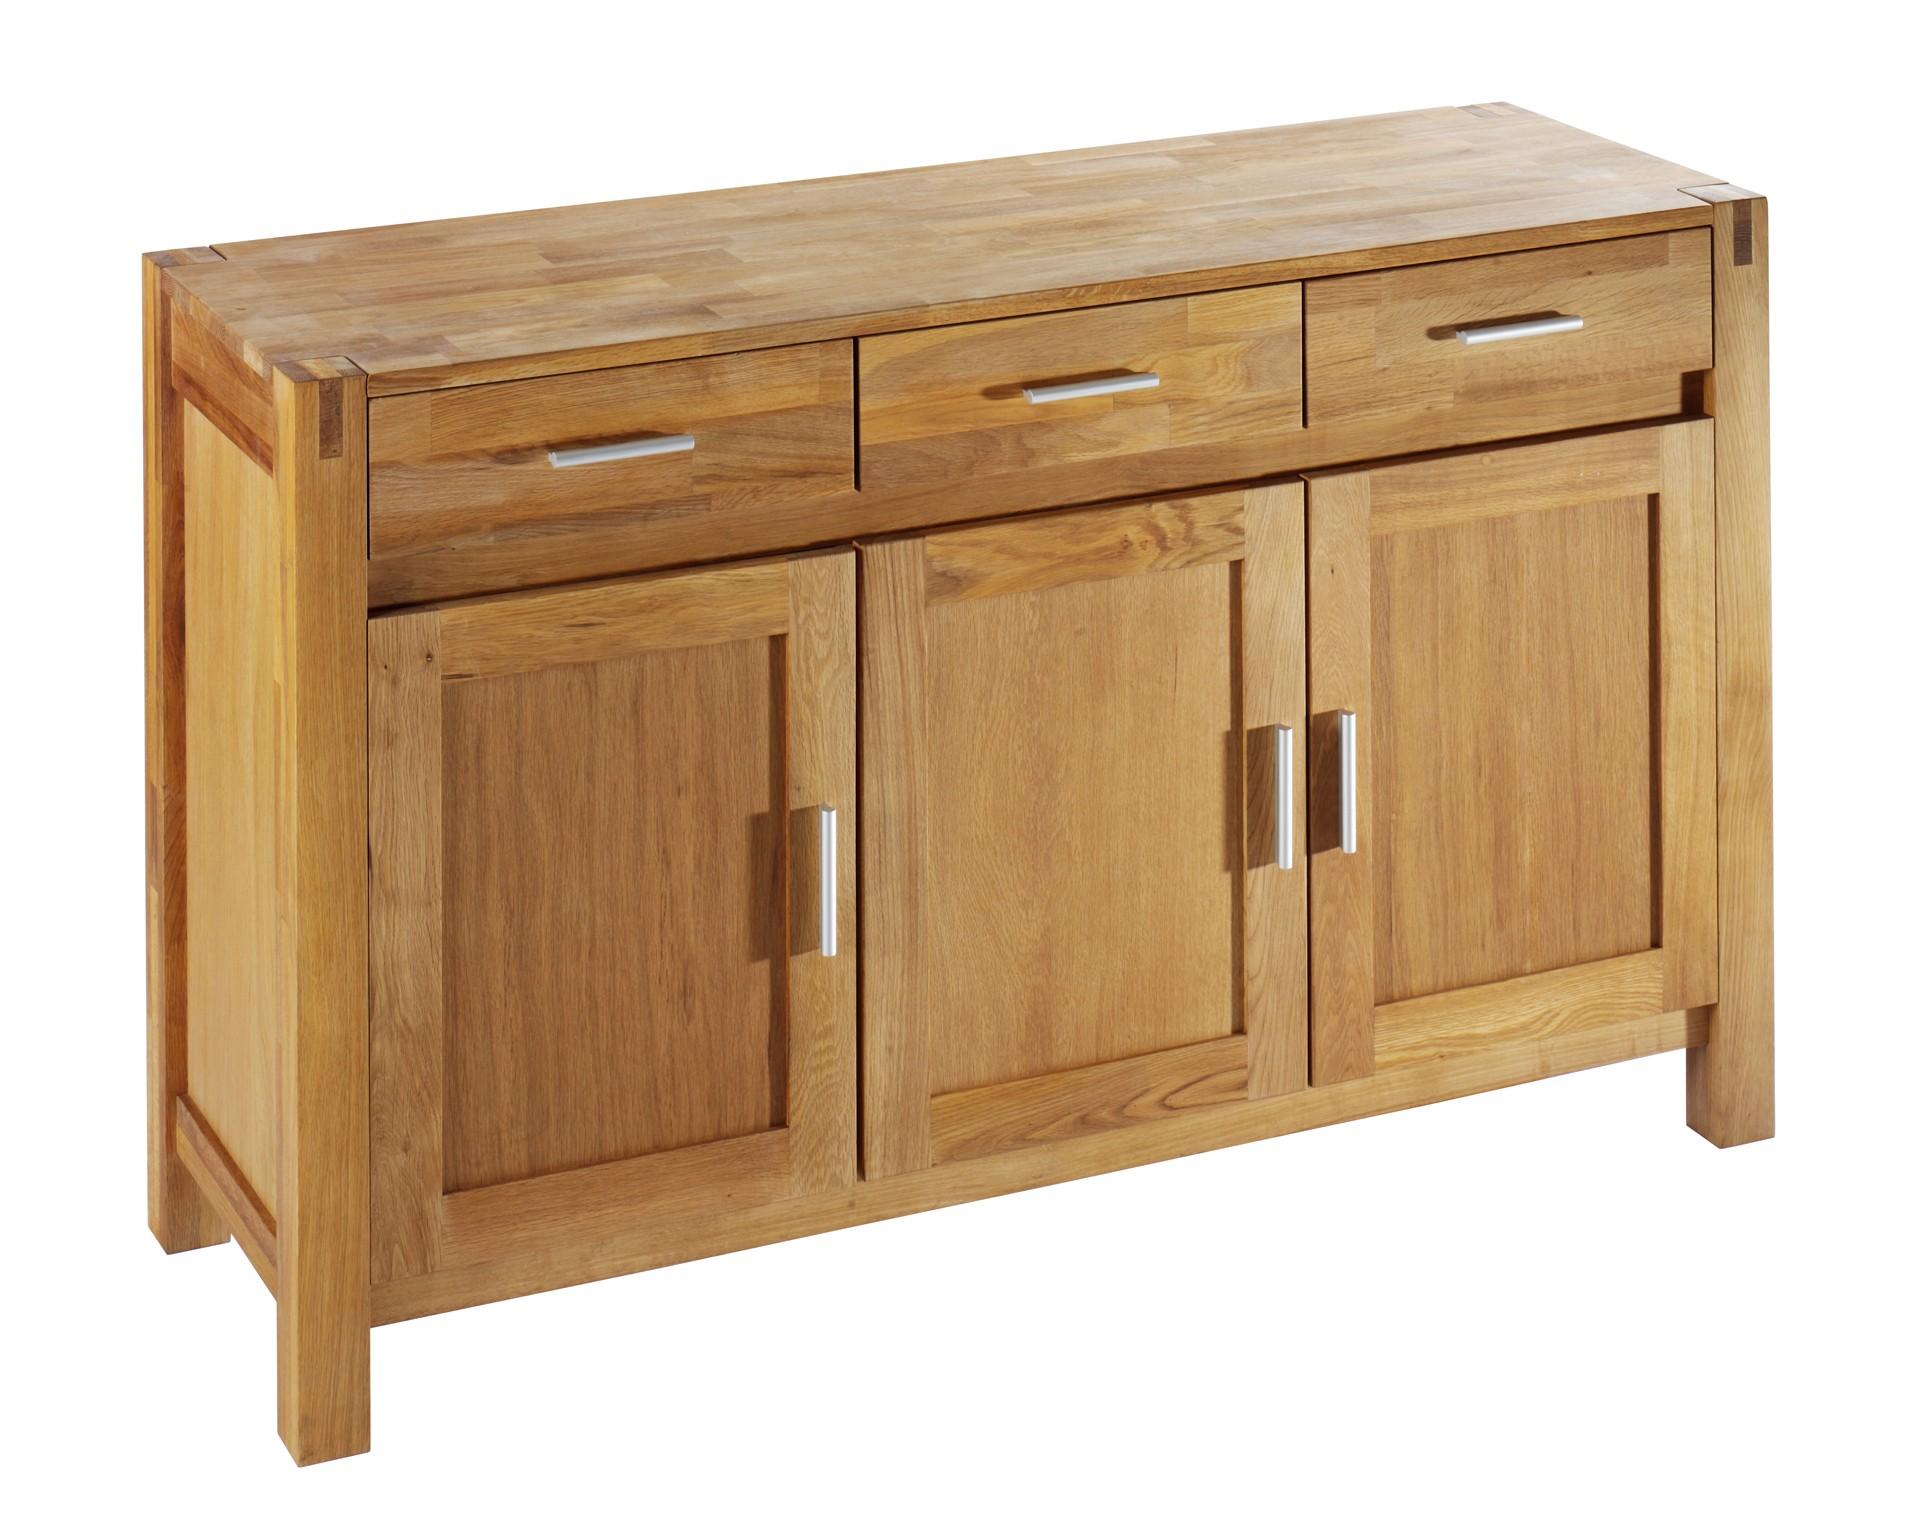 29 sparen kommode royal oak nur 249 95 cherry m bel. Black Bedroom Furniture Sets. Home Design Ideas